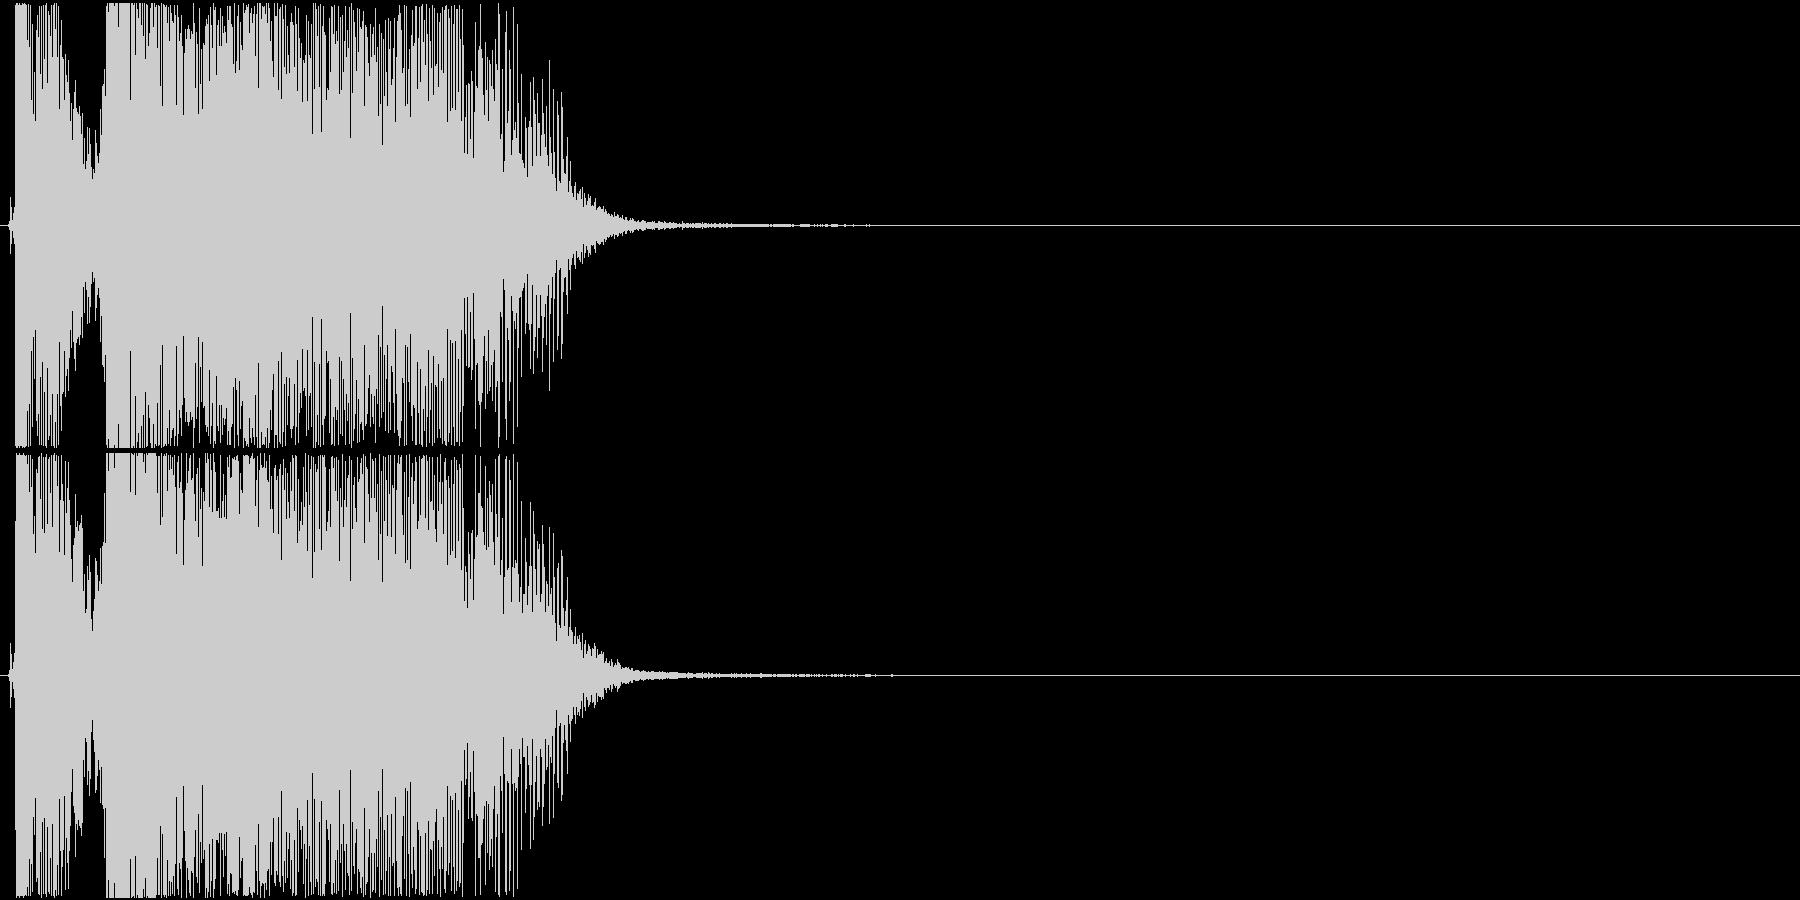 「OK!」アプリ・ゲーム用3の未再生の波形